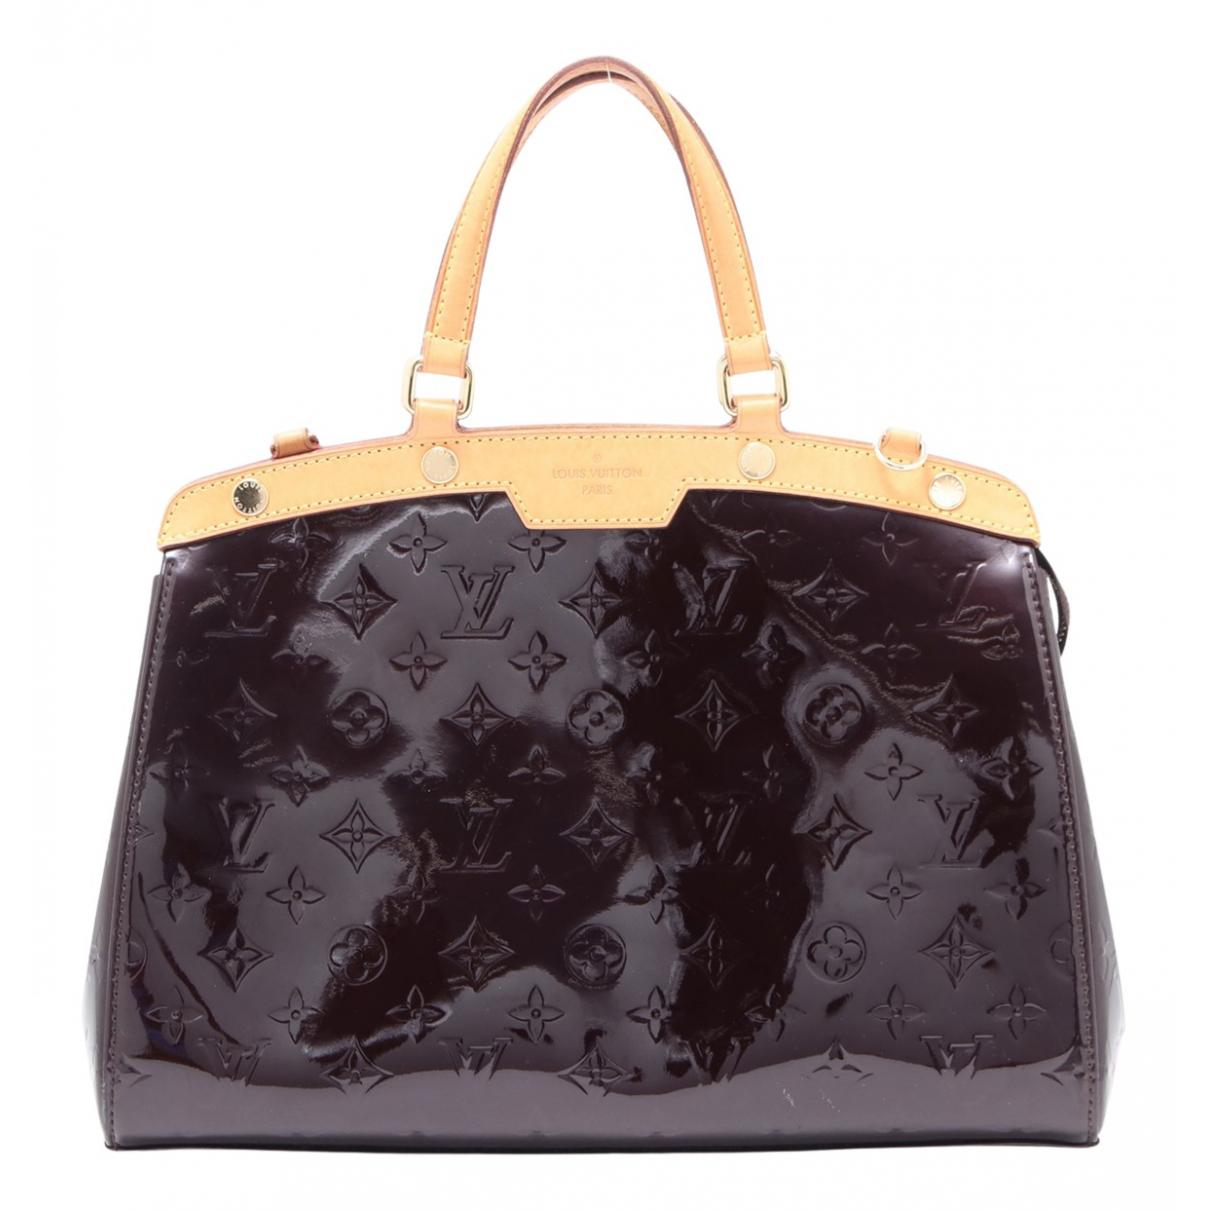 Louis Vuitton - Sac a main Brea pour femme en cuir verni - marron